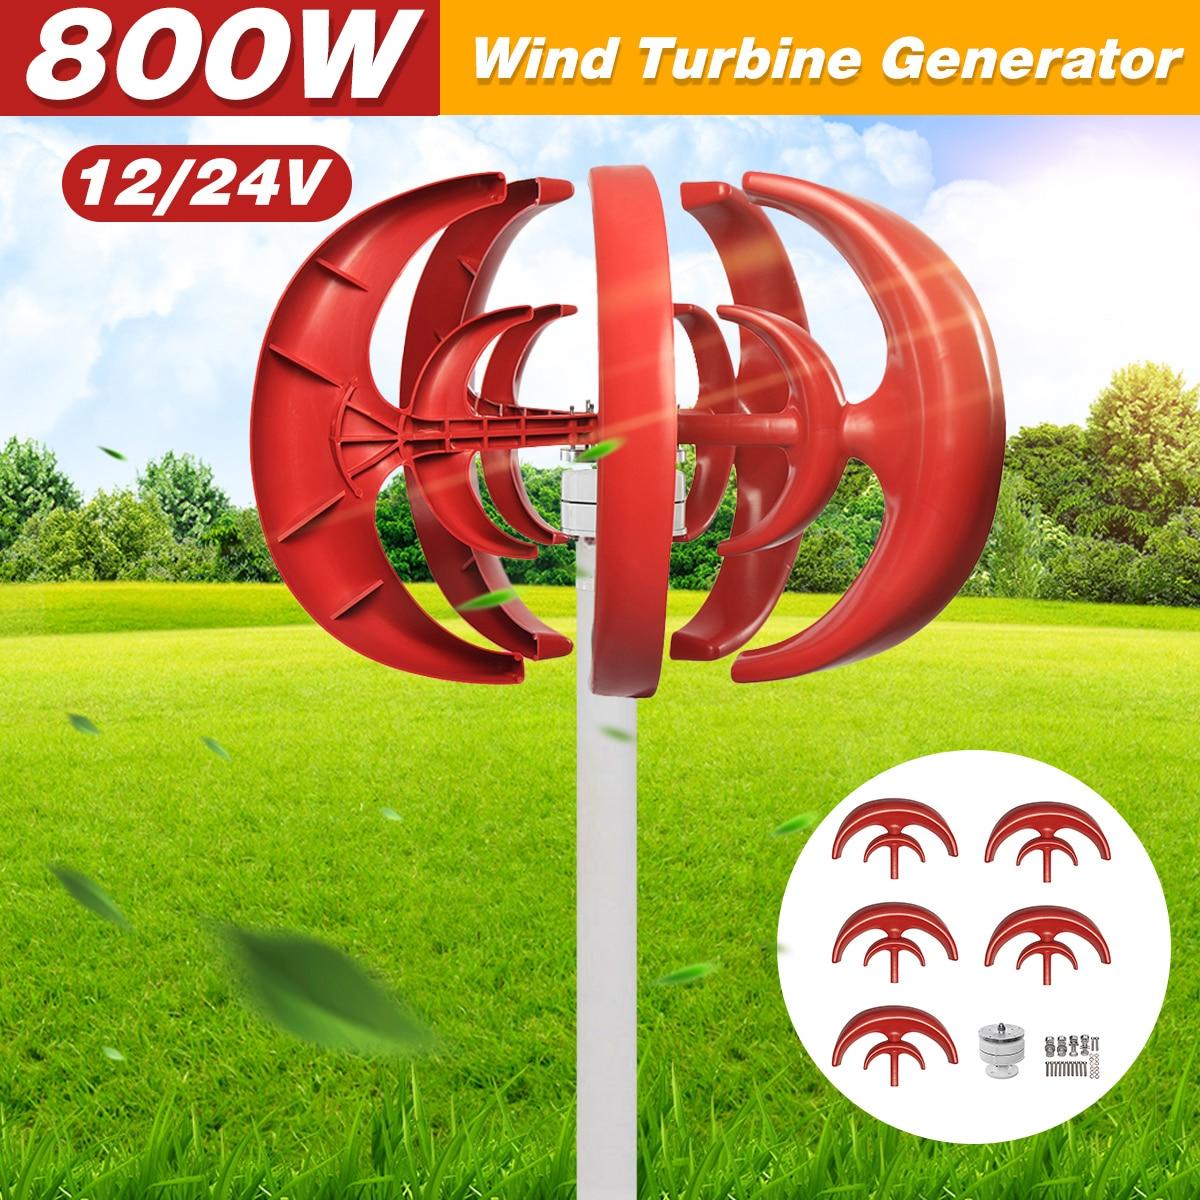 Max 800 W AC 12 V 24 V Lanterna 5 Lâminas Kit de Motor de Eixo Vertical Gerador de Turbina Eólica Para Casa uso de Rua híbrido